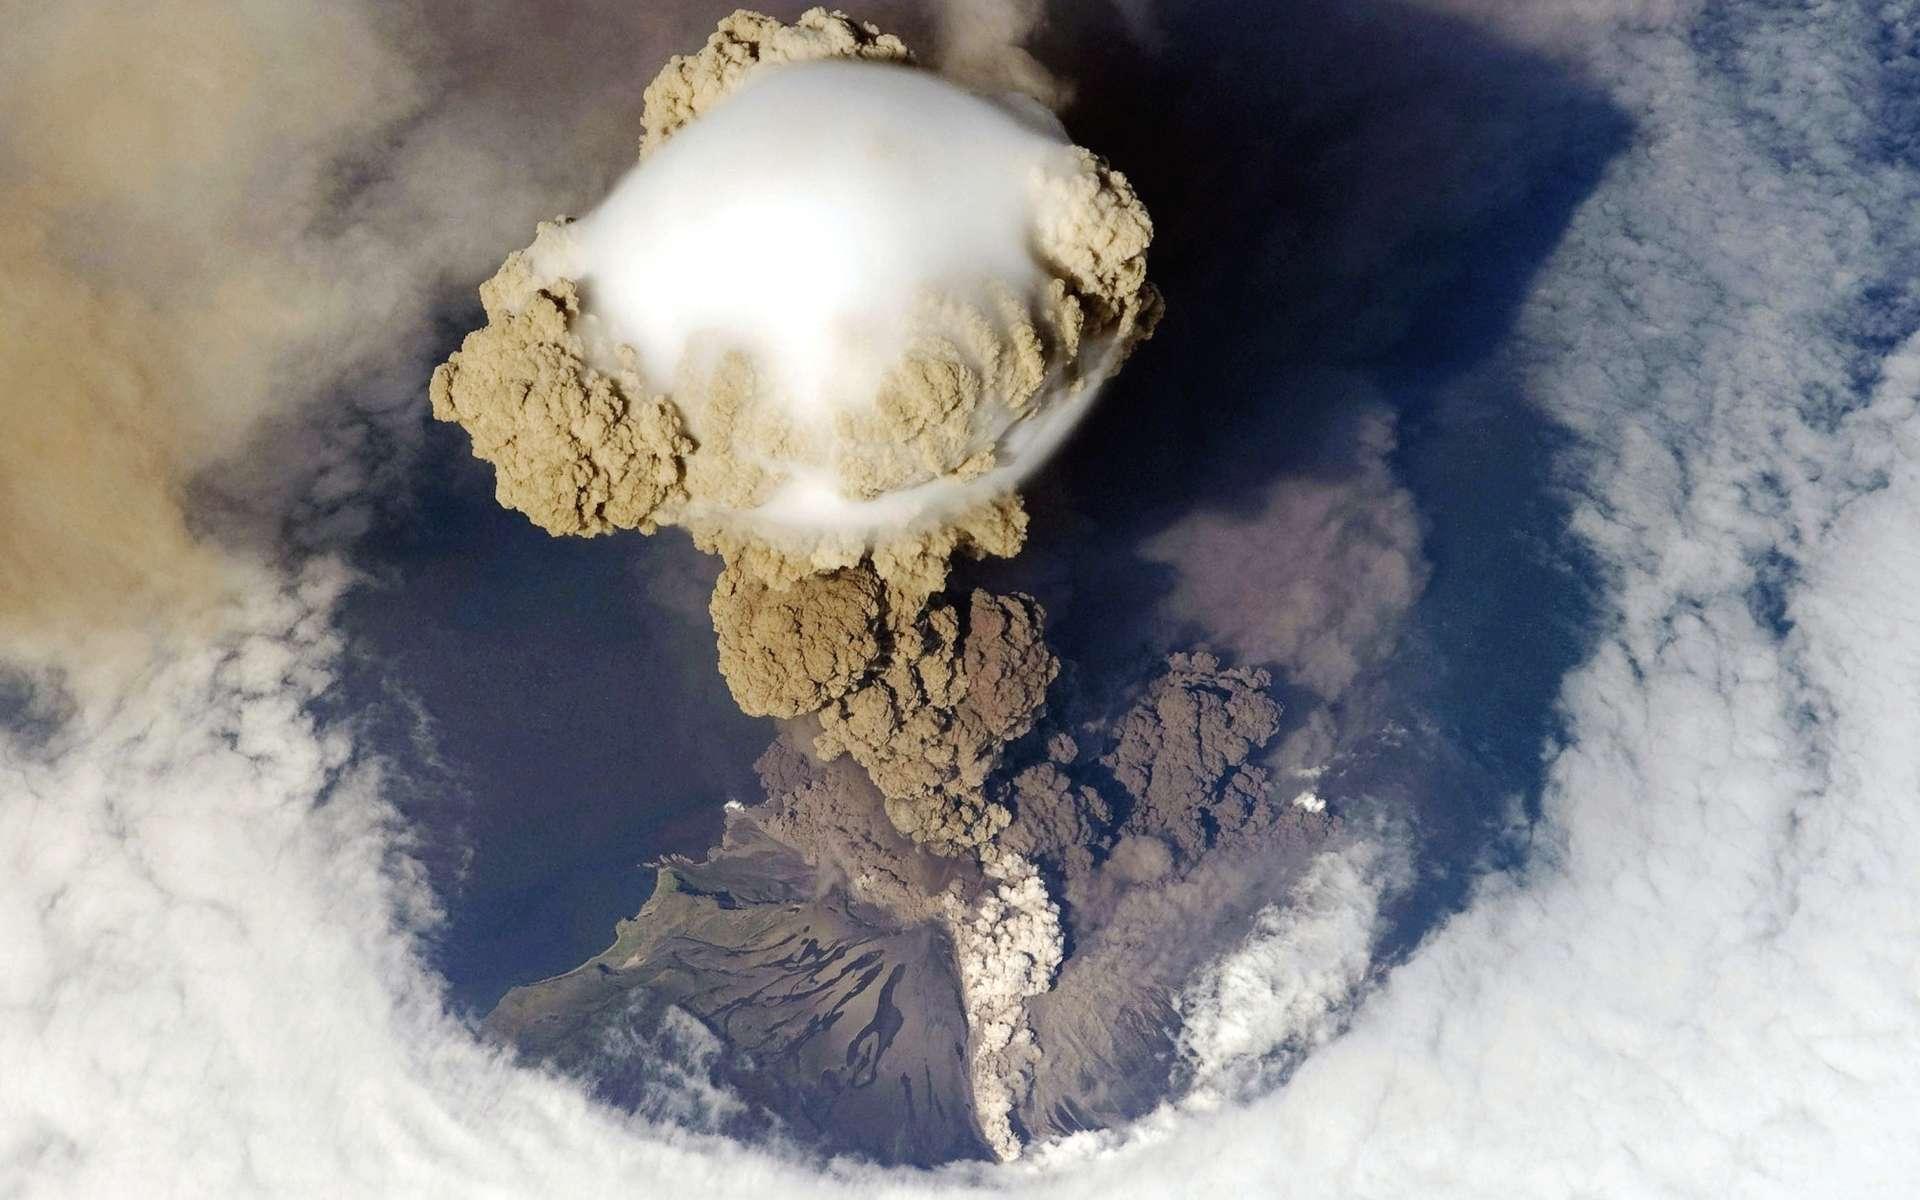 Le Sarytchev est un volcan de Russie situé dans les îles Kouriles, sur l'île de Matoua. Il constitue l'un des volcans les plus actifs des îles Kouriles. © Nasa